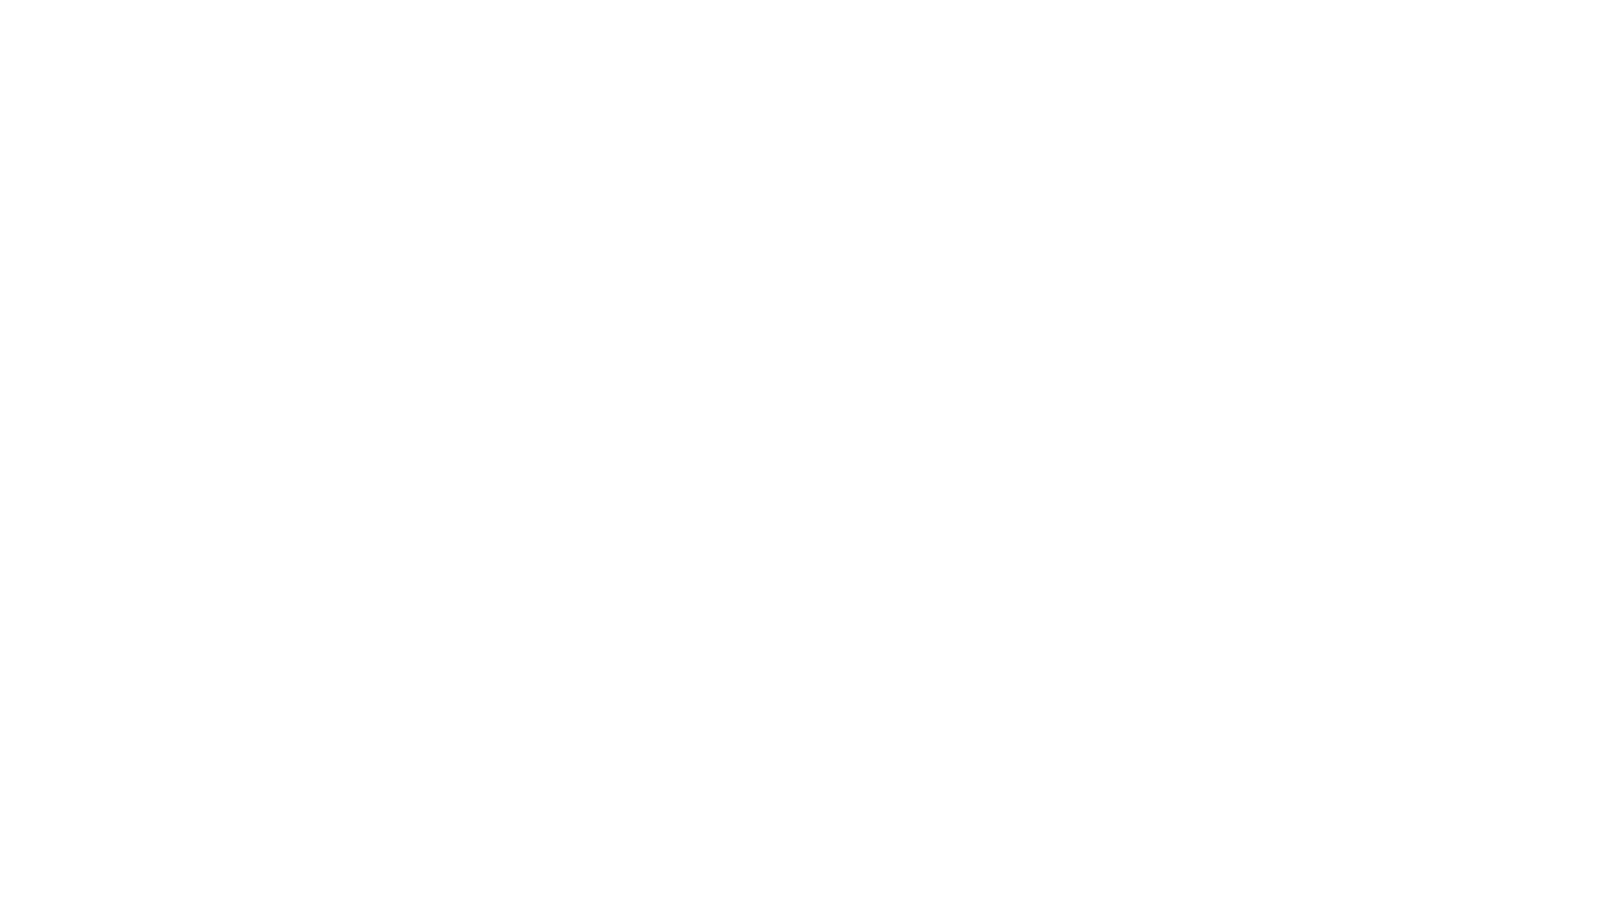 L'intero contenuto è disponibile in visione GRATUITA per il mese di Marzo 2021 su TecaTV: https://tecatv.com/angeli-con-la-faccia-sporca.htmlRocky Sullivan e Jerry Connolly, due amici e piccoli ladruncoli di New York, vengono colti sul fatto dalla polizia mentre commettono un piccolo reato. Tra i due il più fortunato è Jerry che riesce a scappare. L'infanzia turbolenta di Jerry lo spinge successivamente ad aiutare i ragazzini del quartiere impedendo loro di finire su una cattiva strada. Mentre il suo amico d'infanzia Rocky entra definitivamente negli ambienti malavitosi di New York. Film del pluripremiato regista Michael Curtiz. Con Angeli con la faccia sporca Curtiz realizza un film avvincente, dal ritmo incalzante. In questo film Humphrey Bogart non è ancora un divo, ha addirittura un ruolo secondario, mentre il grande James Cagney ottiene una nomination all'Oscar come migliore attore protagonista. Angeli con la faccia sporca ottiene anche la nomination come migliore regia e sceneggiatura originale.Per maggiori info leggi la biografia di Michael Curtiz: https://www.cinetecadelveneto.it/2021/03/03/michael-curtiz/La pellicola fa parte dell'archivio storico cinematografico conservato presso la Cineteca del Veneto https://www.cinetecadelveneto.it/Acquisizione a cura di RunningTV https://tinyurl.com/qvz8fcg